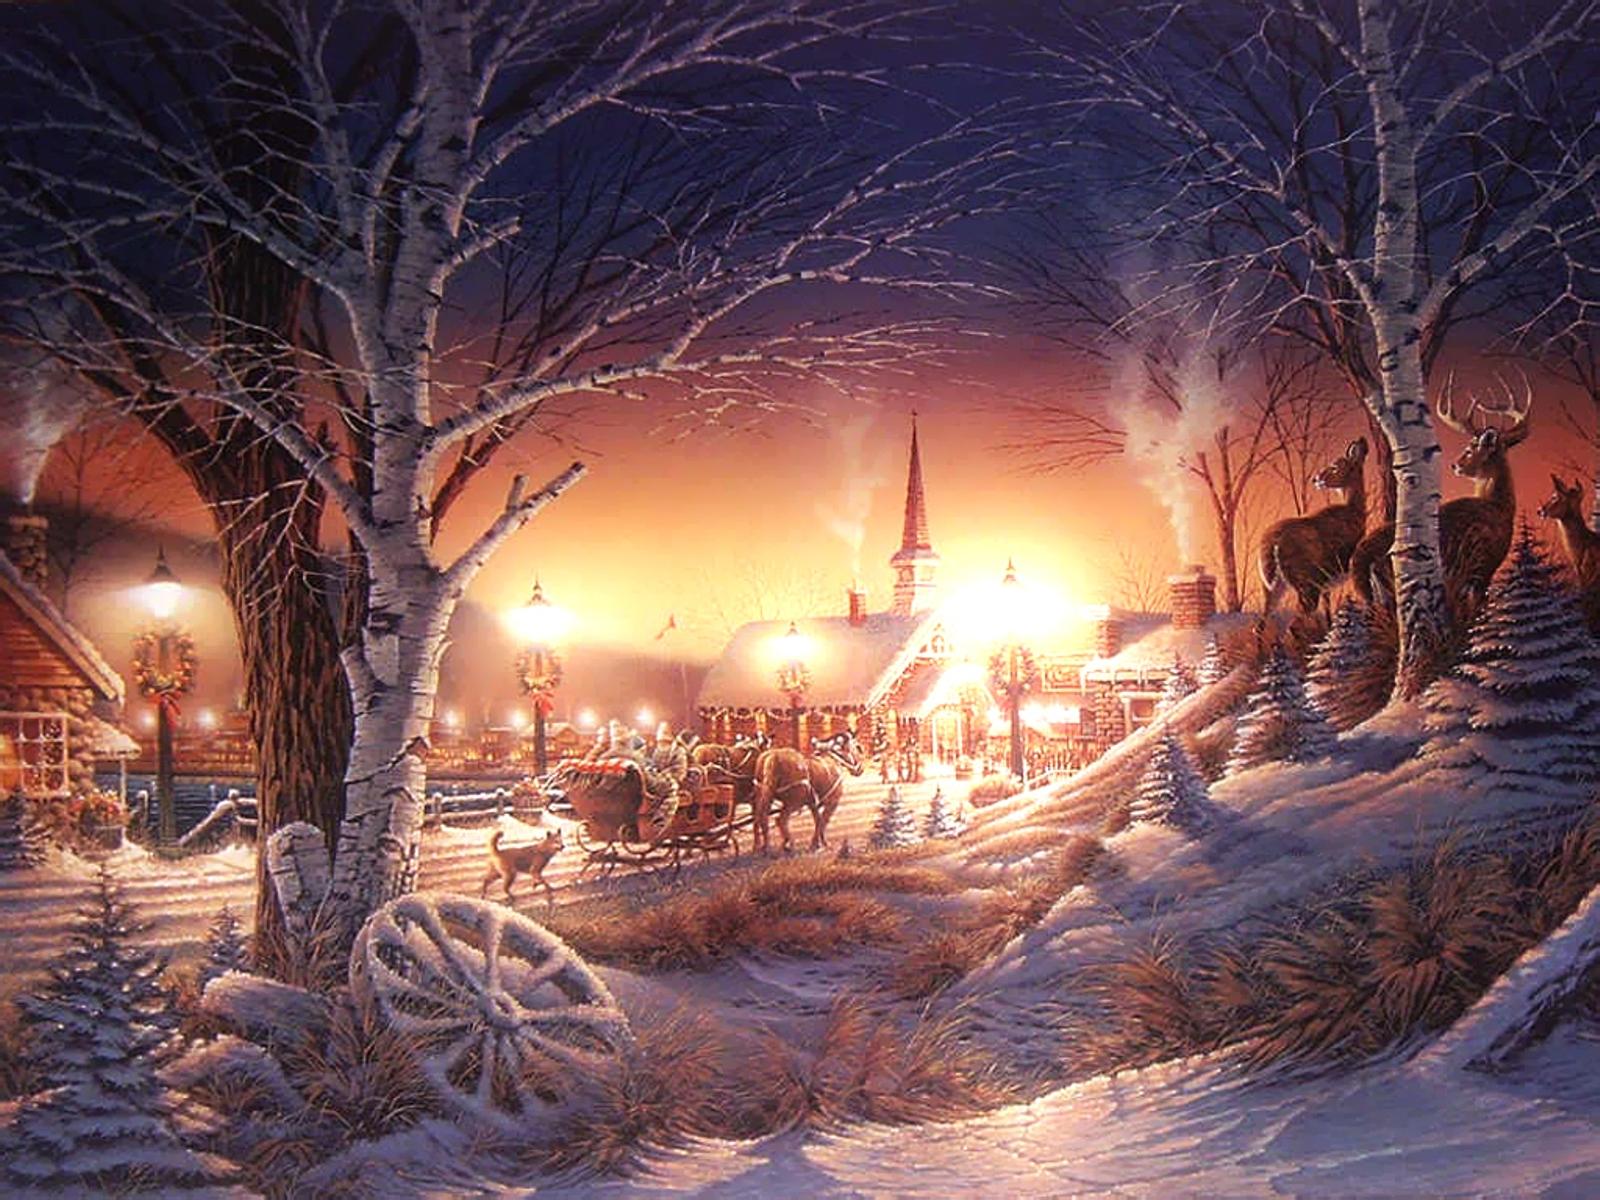 холодное новогодние фэнтези фото открытки конечно, плохо, именно